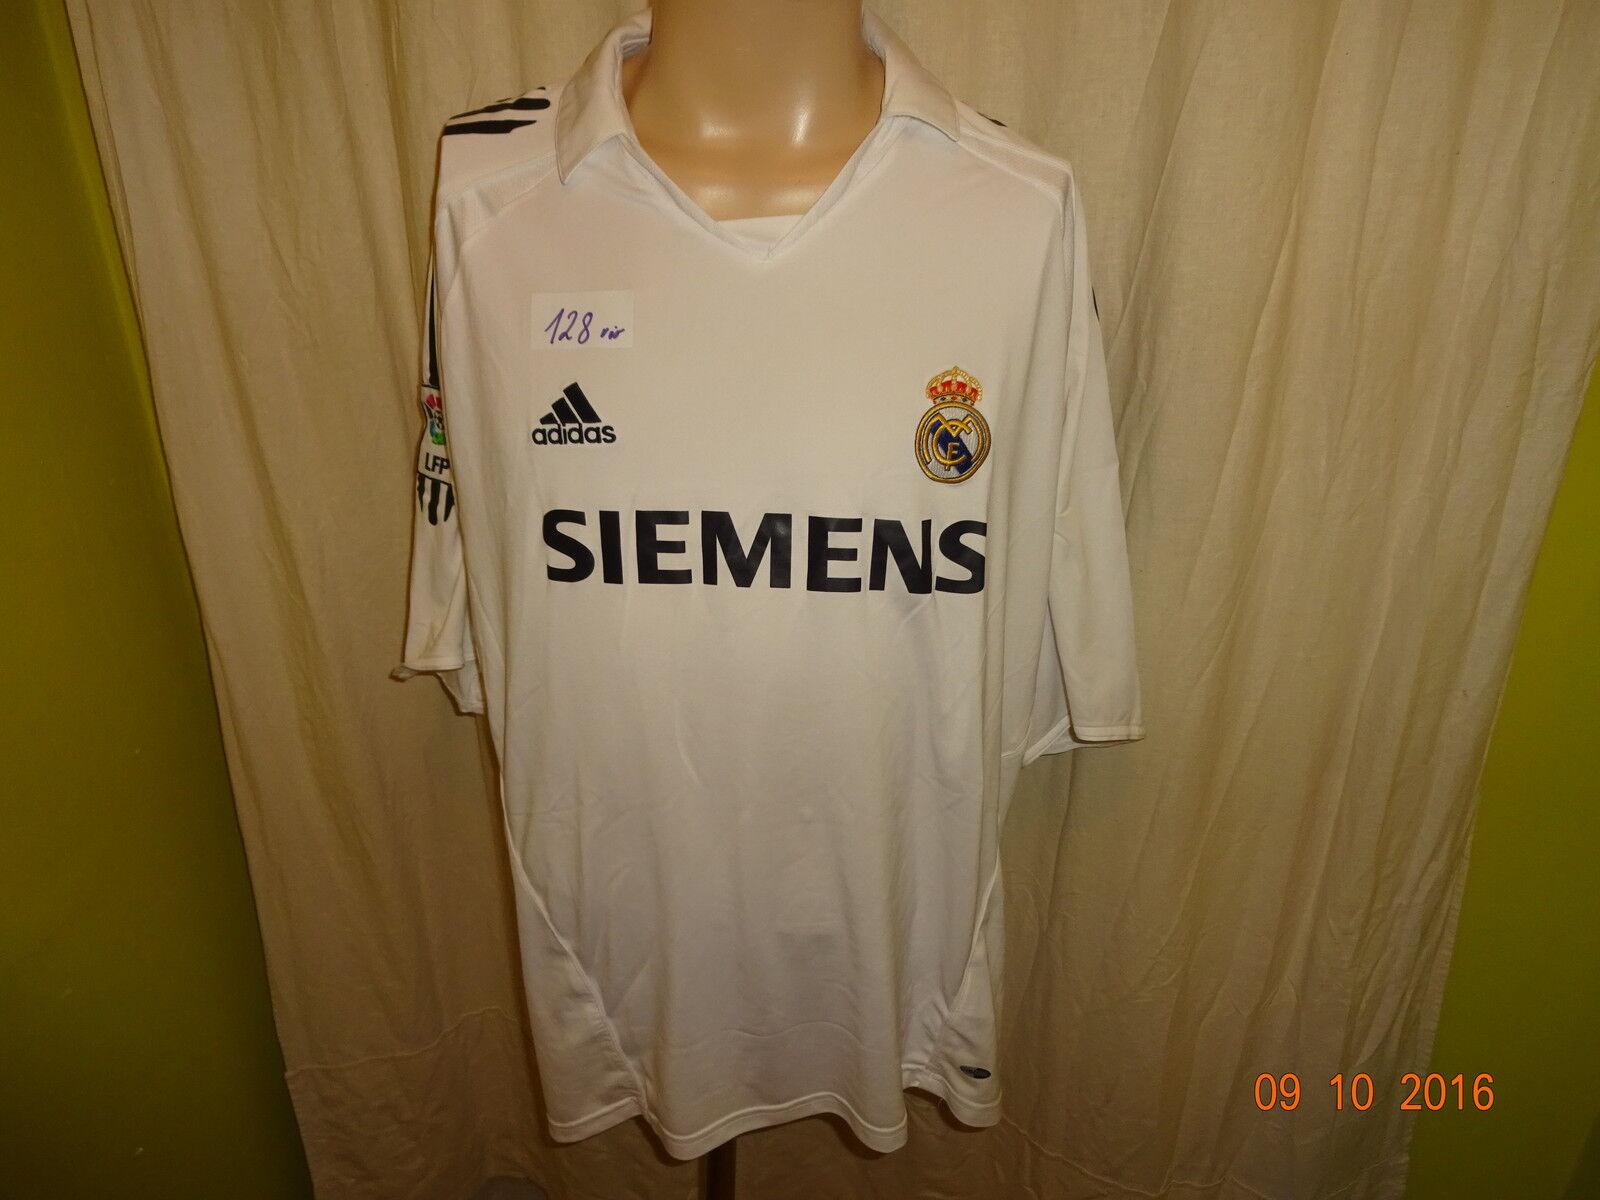 Real Madrid Original Adidas Heim Trikot 2005 06  Siemens  Gr.XXL TOP